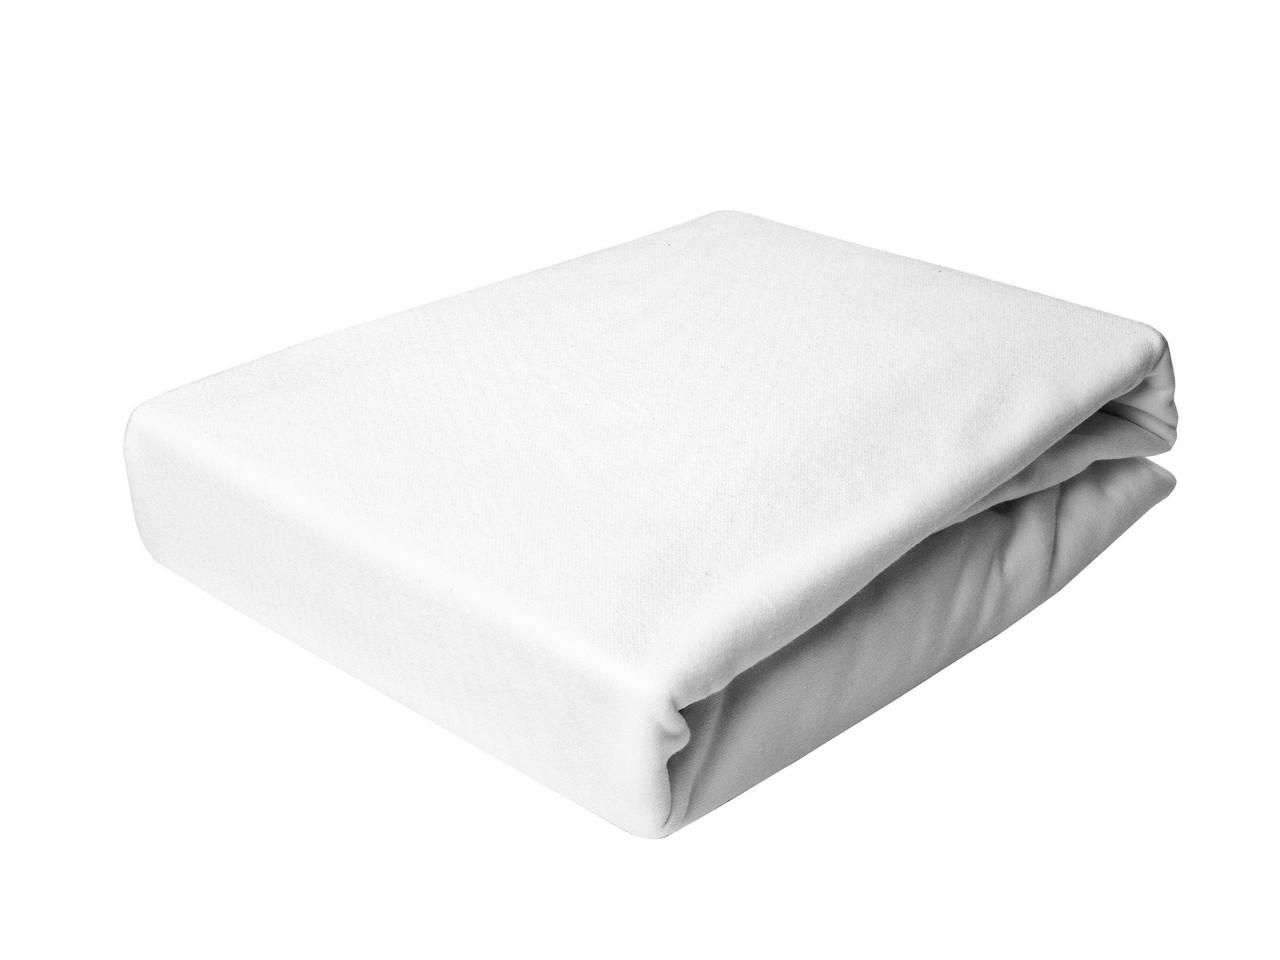 Простыня Трикотажная На резинке NR 014 P.P.H.U. J&M 4999 90x200 см Белая